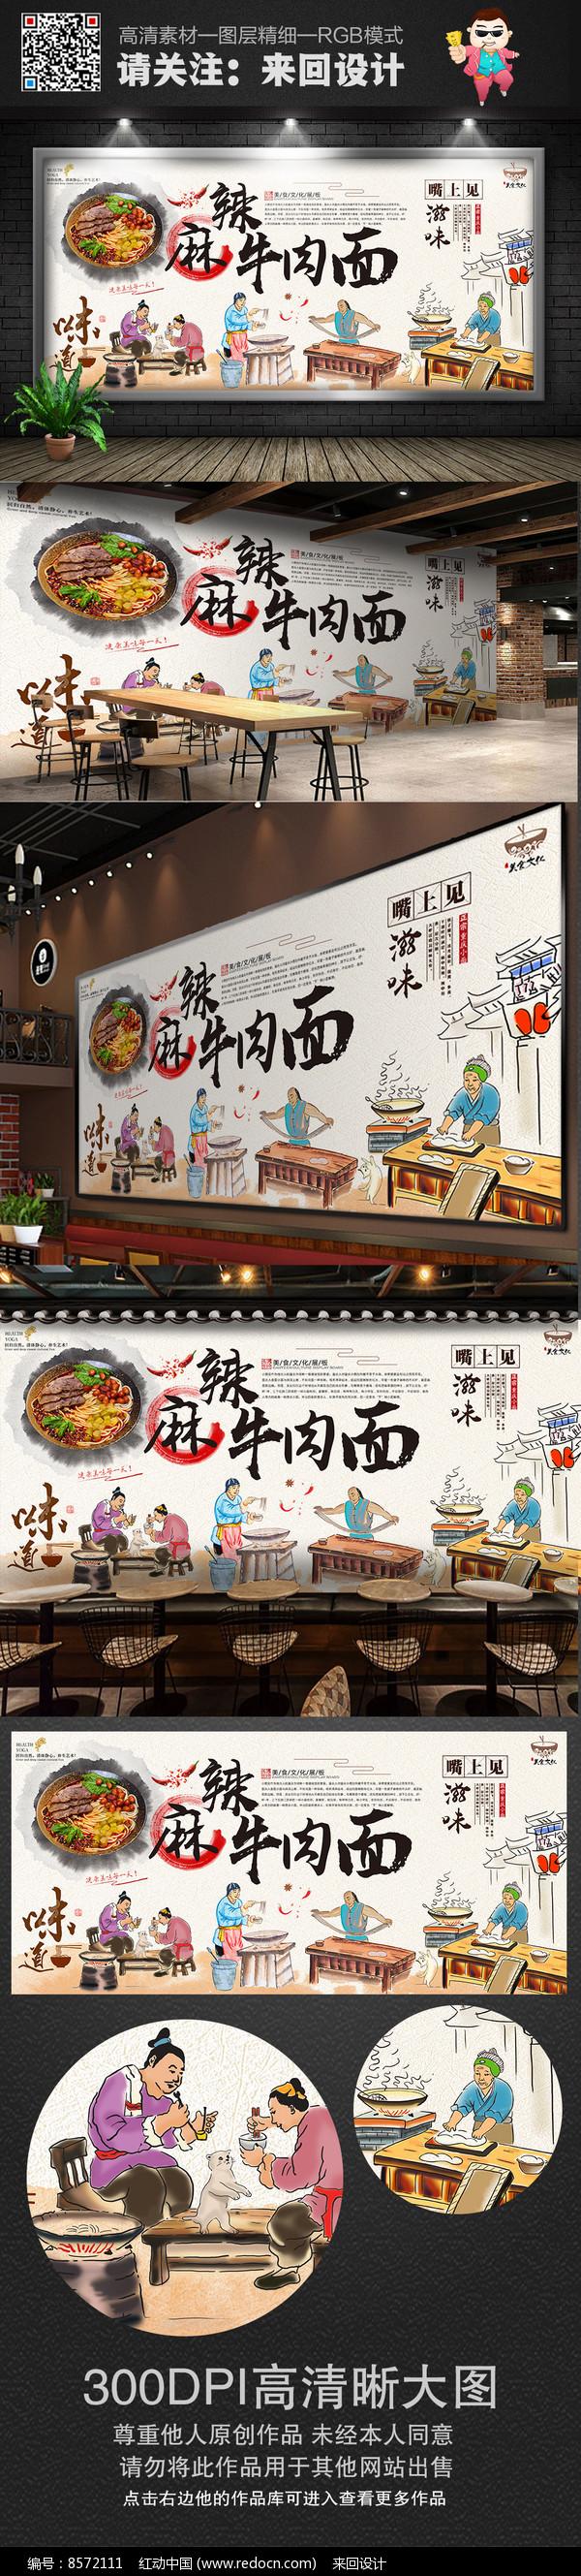 麻辣牛肉面餐厅背景墙展板图片